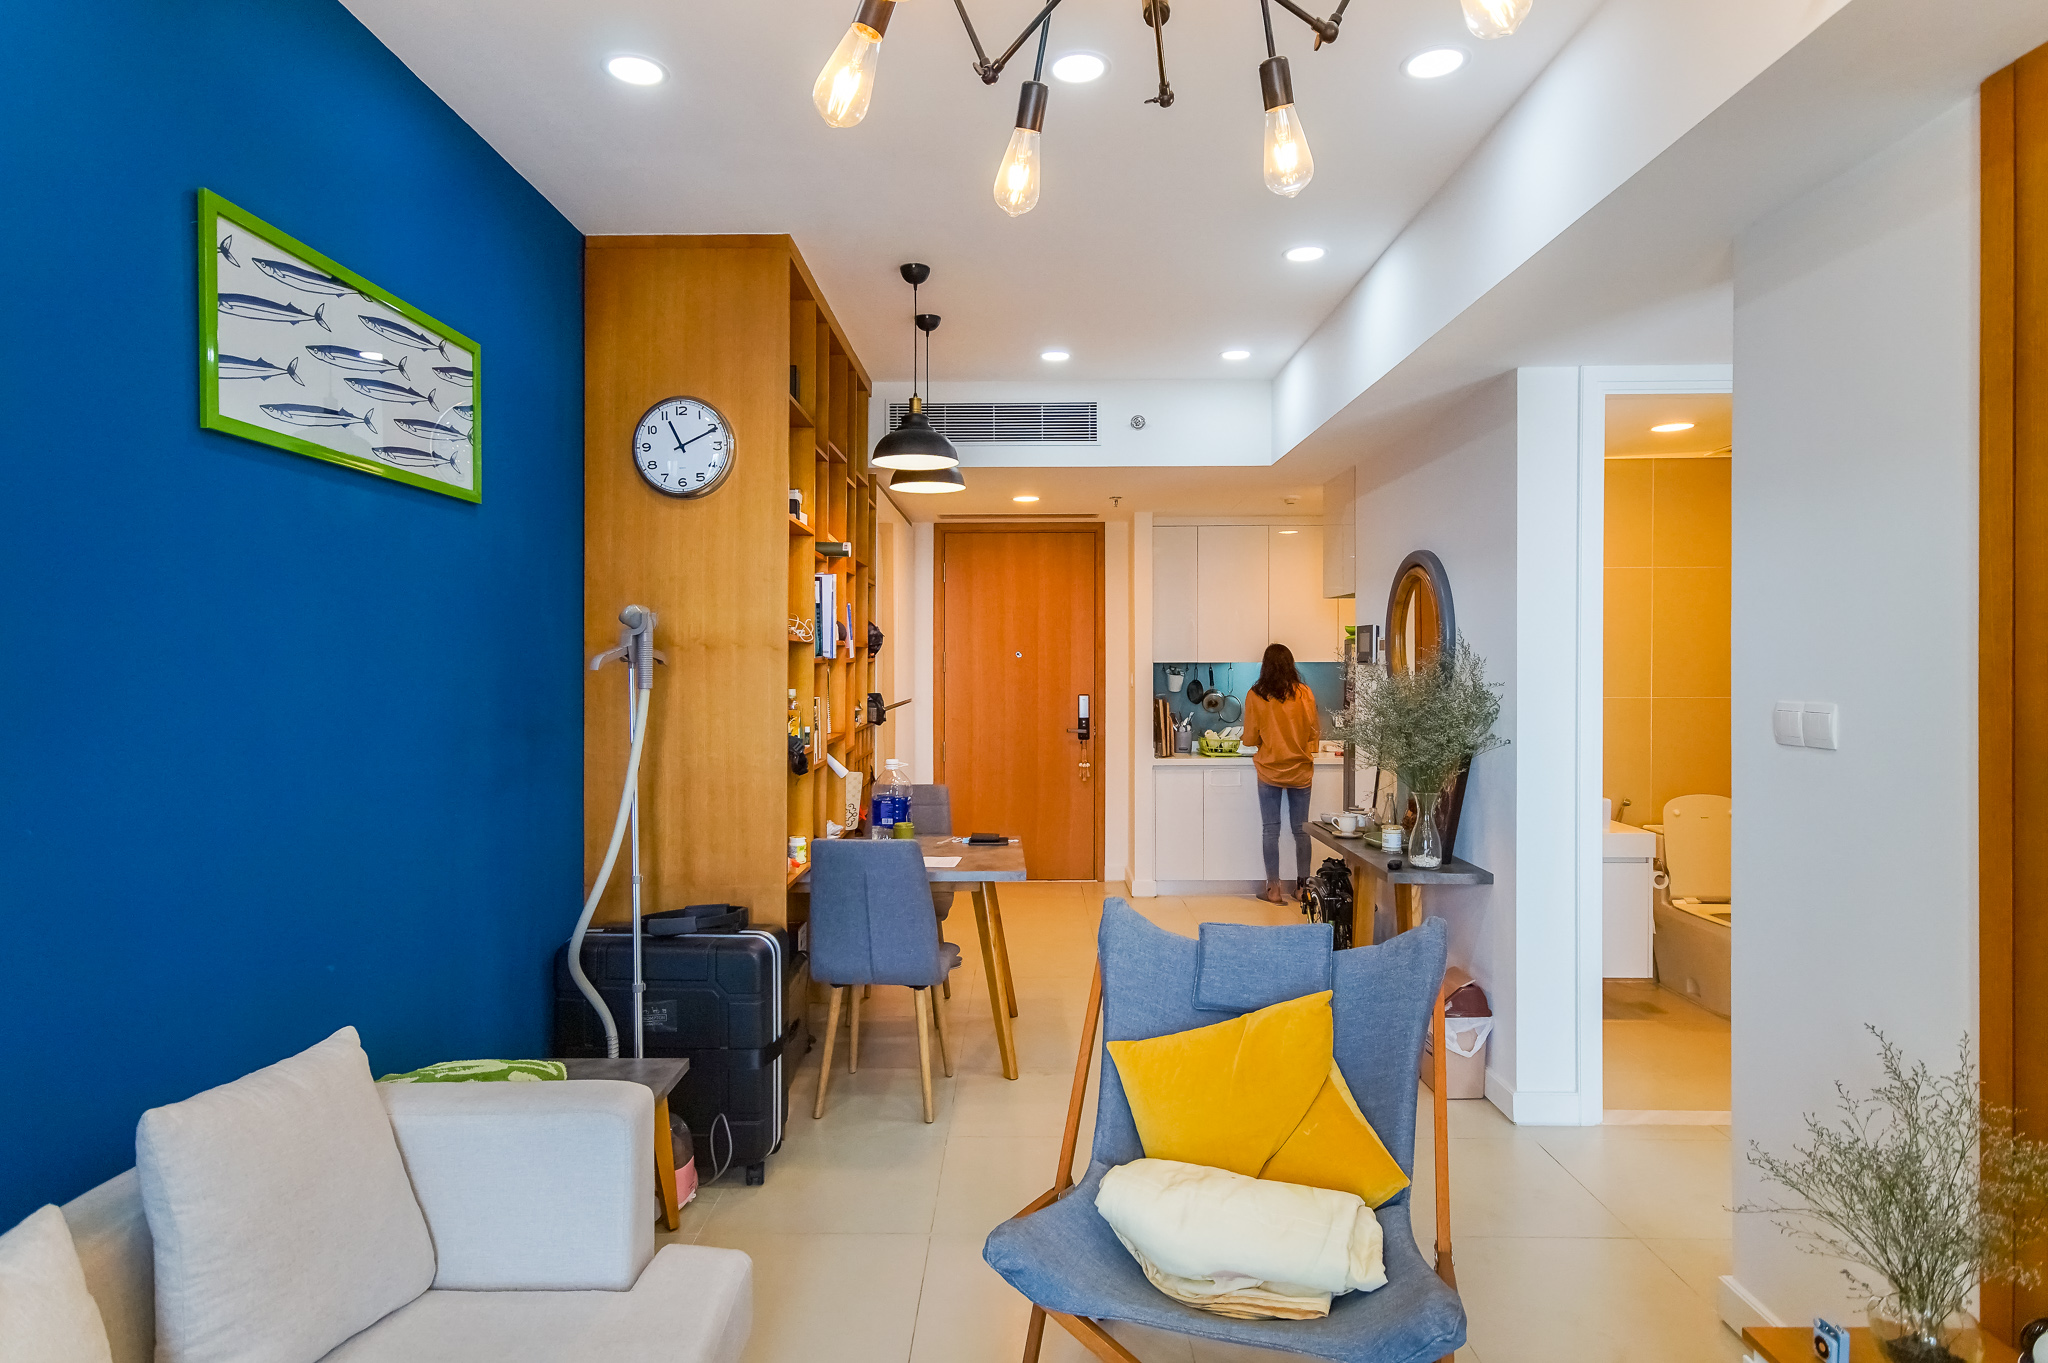 Cho Thuê Căn hộ 1 PN Gateway Thảo Điền - Đầy Đủ Nội Thất & Xa Xỉ-9